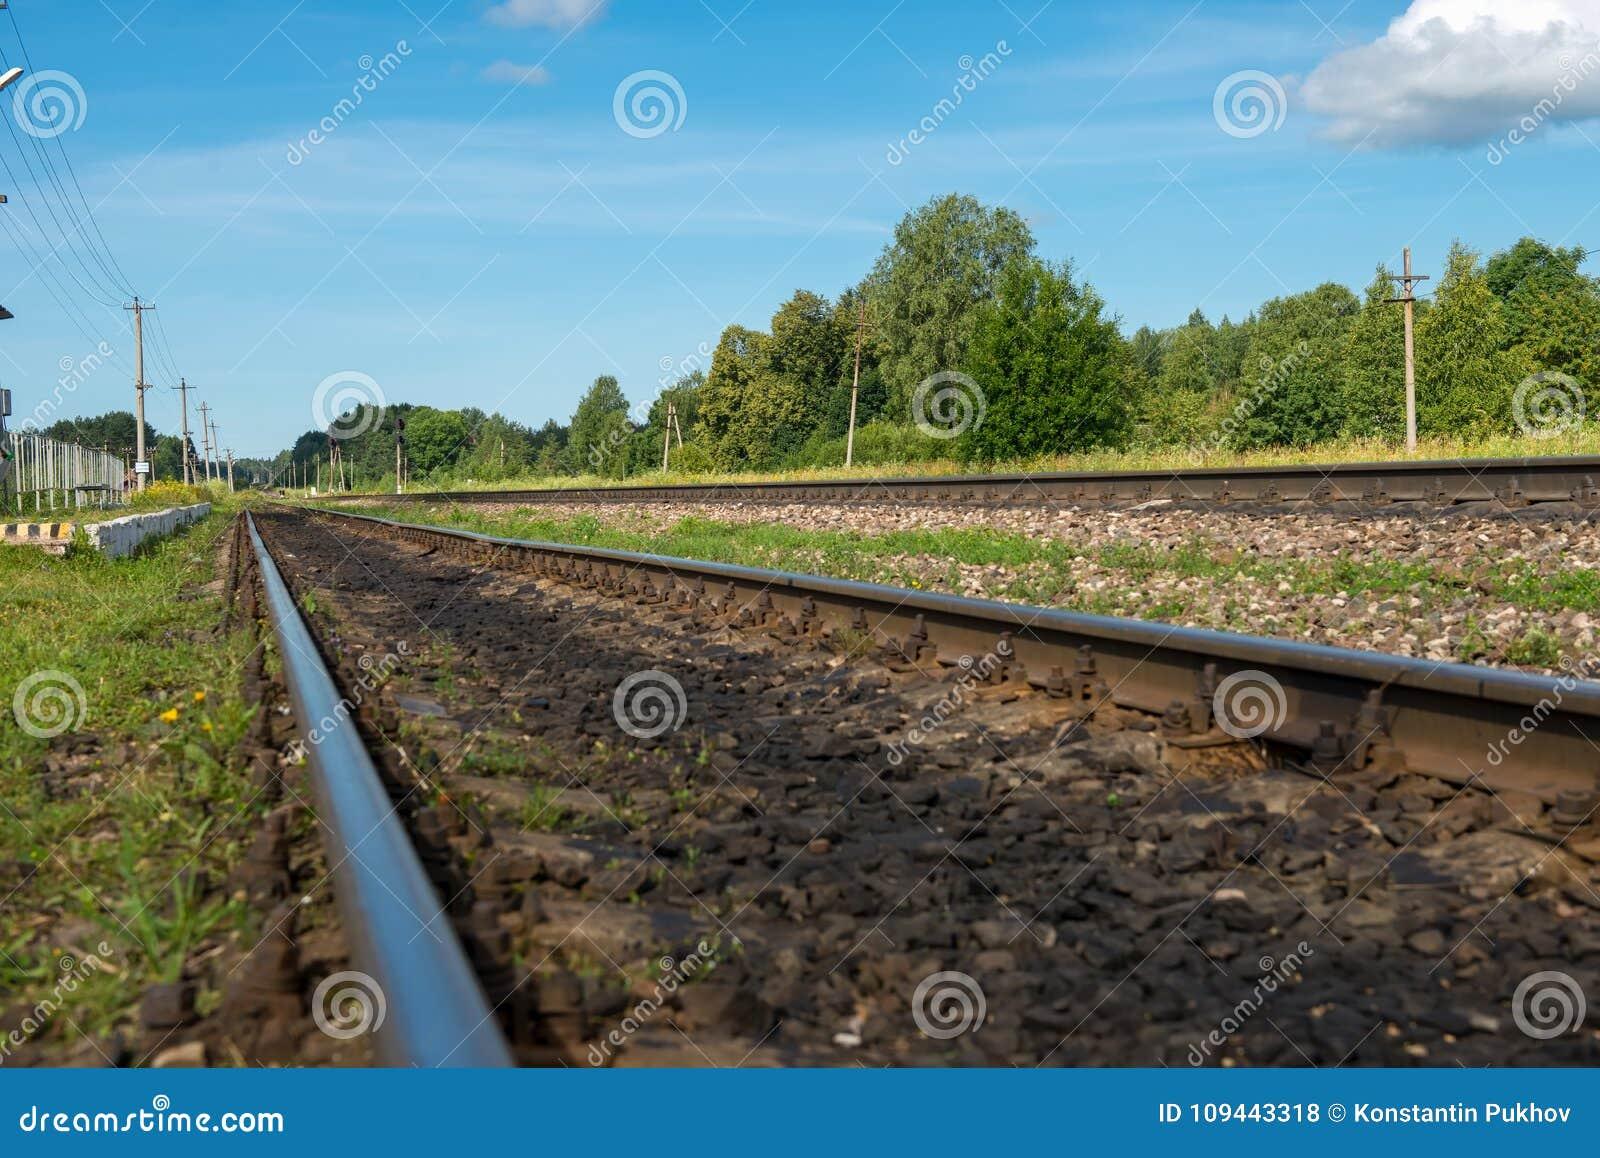 Carriles ferroviarios